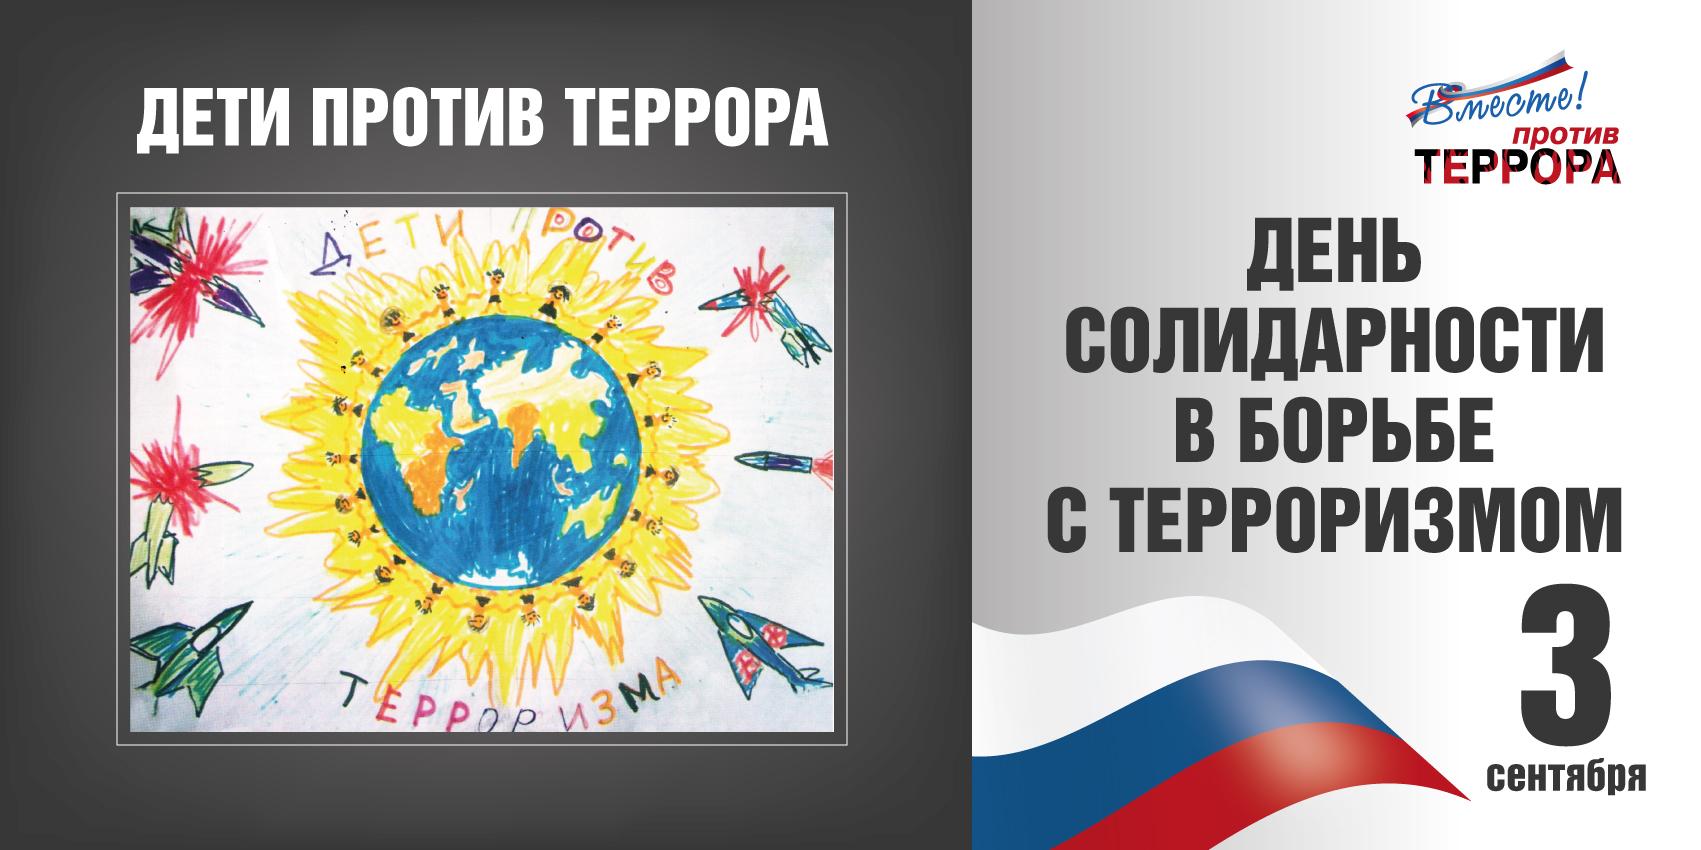 http://sch139.eduworks.ru/main/images/ris08.jpg